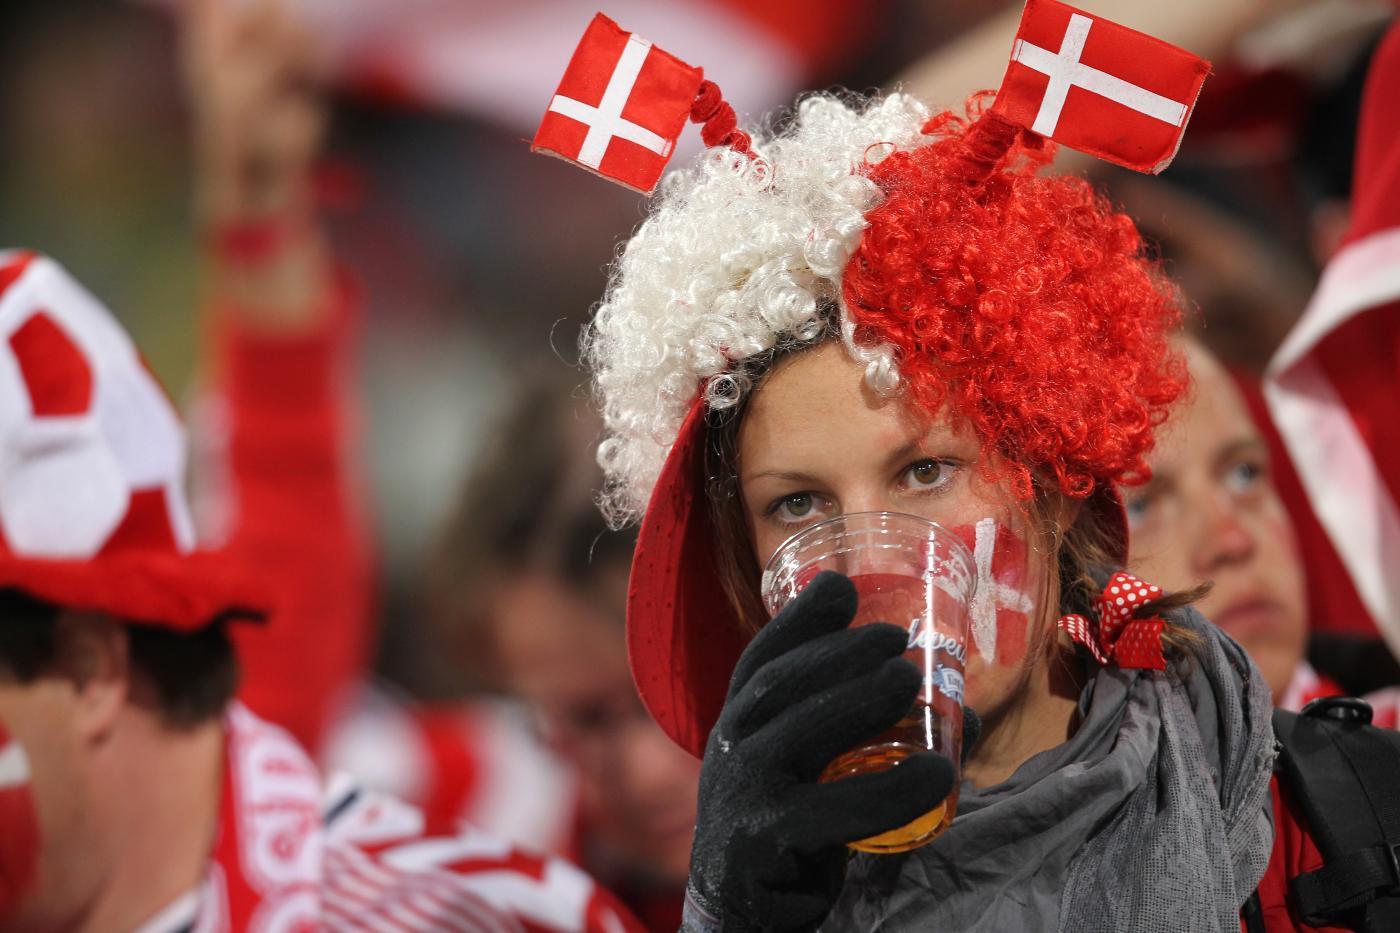 Danimarca-Polonia 12 ottobre: match della nona giornata del gruppo 3 di qualificazione all'Europeo di categoria. In palio c'è il primato.